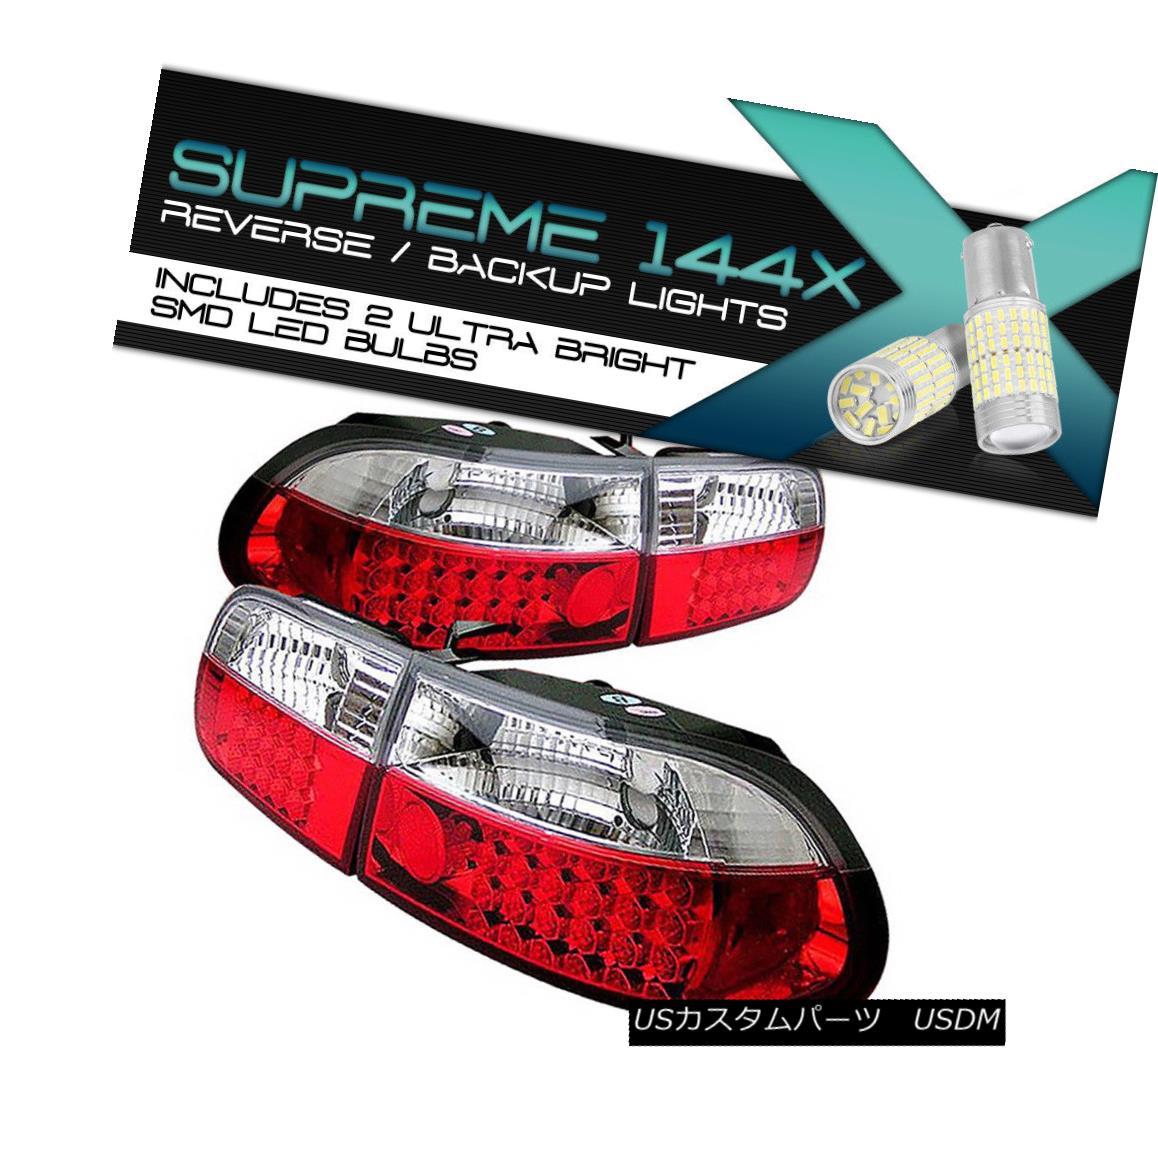 テールライト FULL SMD BACKUP JDM CIVIC LED 4PCS Tail Lights 92-95 Hatchback RED+CLEAR Bright フルSMDバックアップJDM CIVIC LED 4PCSテールライト92-95ハッチバックRED +クリア明るい